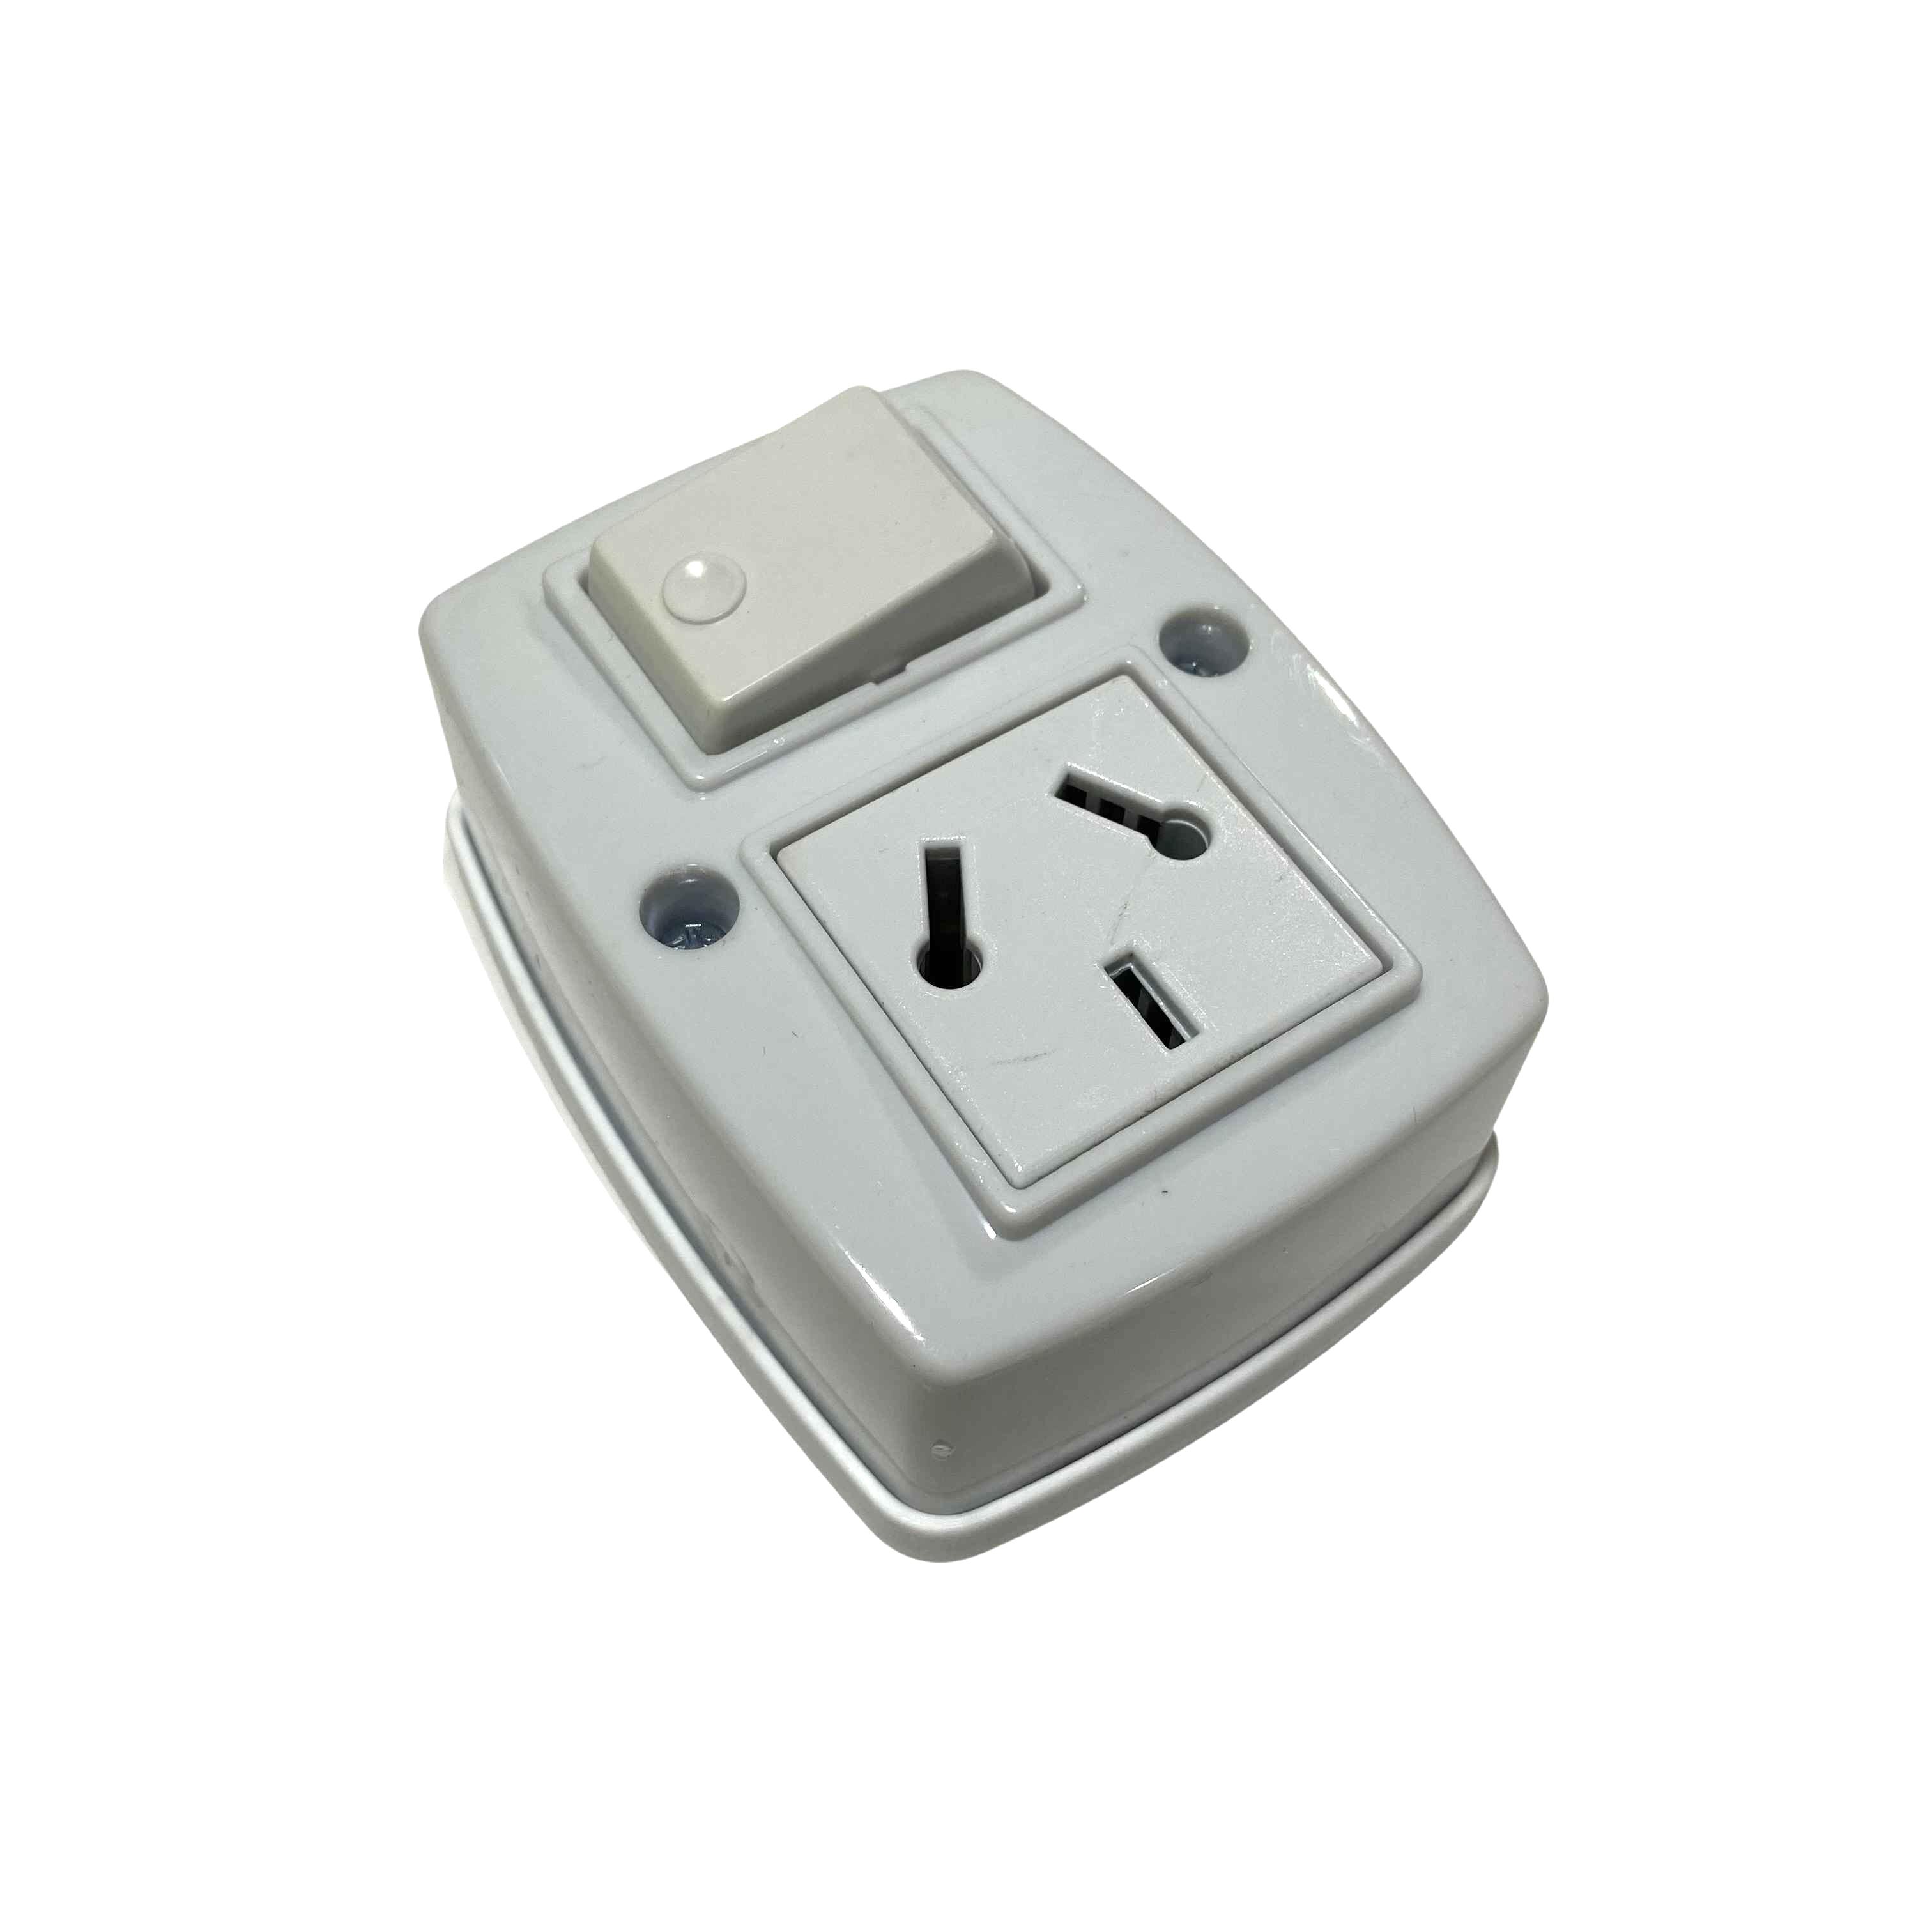 Epn-2703-02 carcasa conexión lata x 95mm y 130mm Z 58mm ip55 gris 2703-02